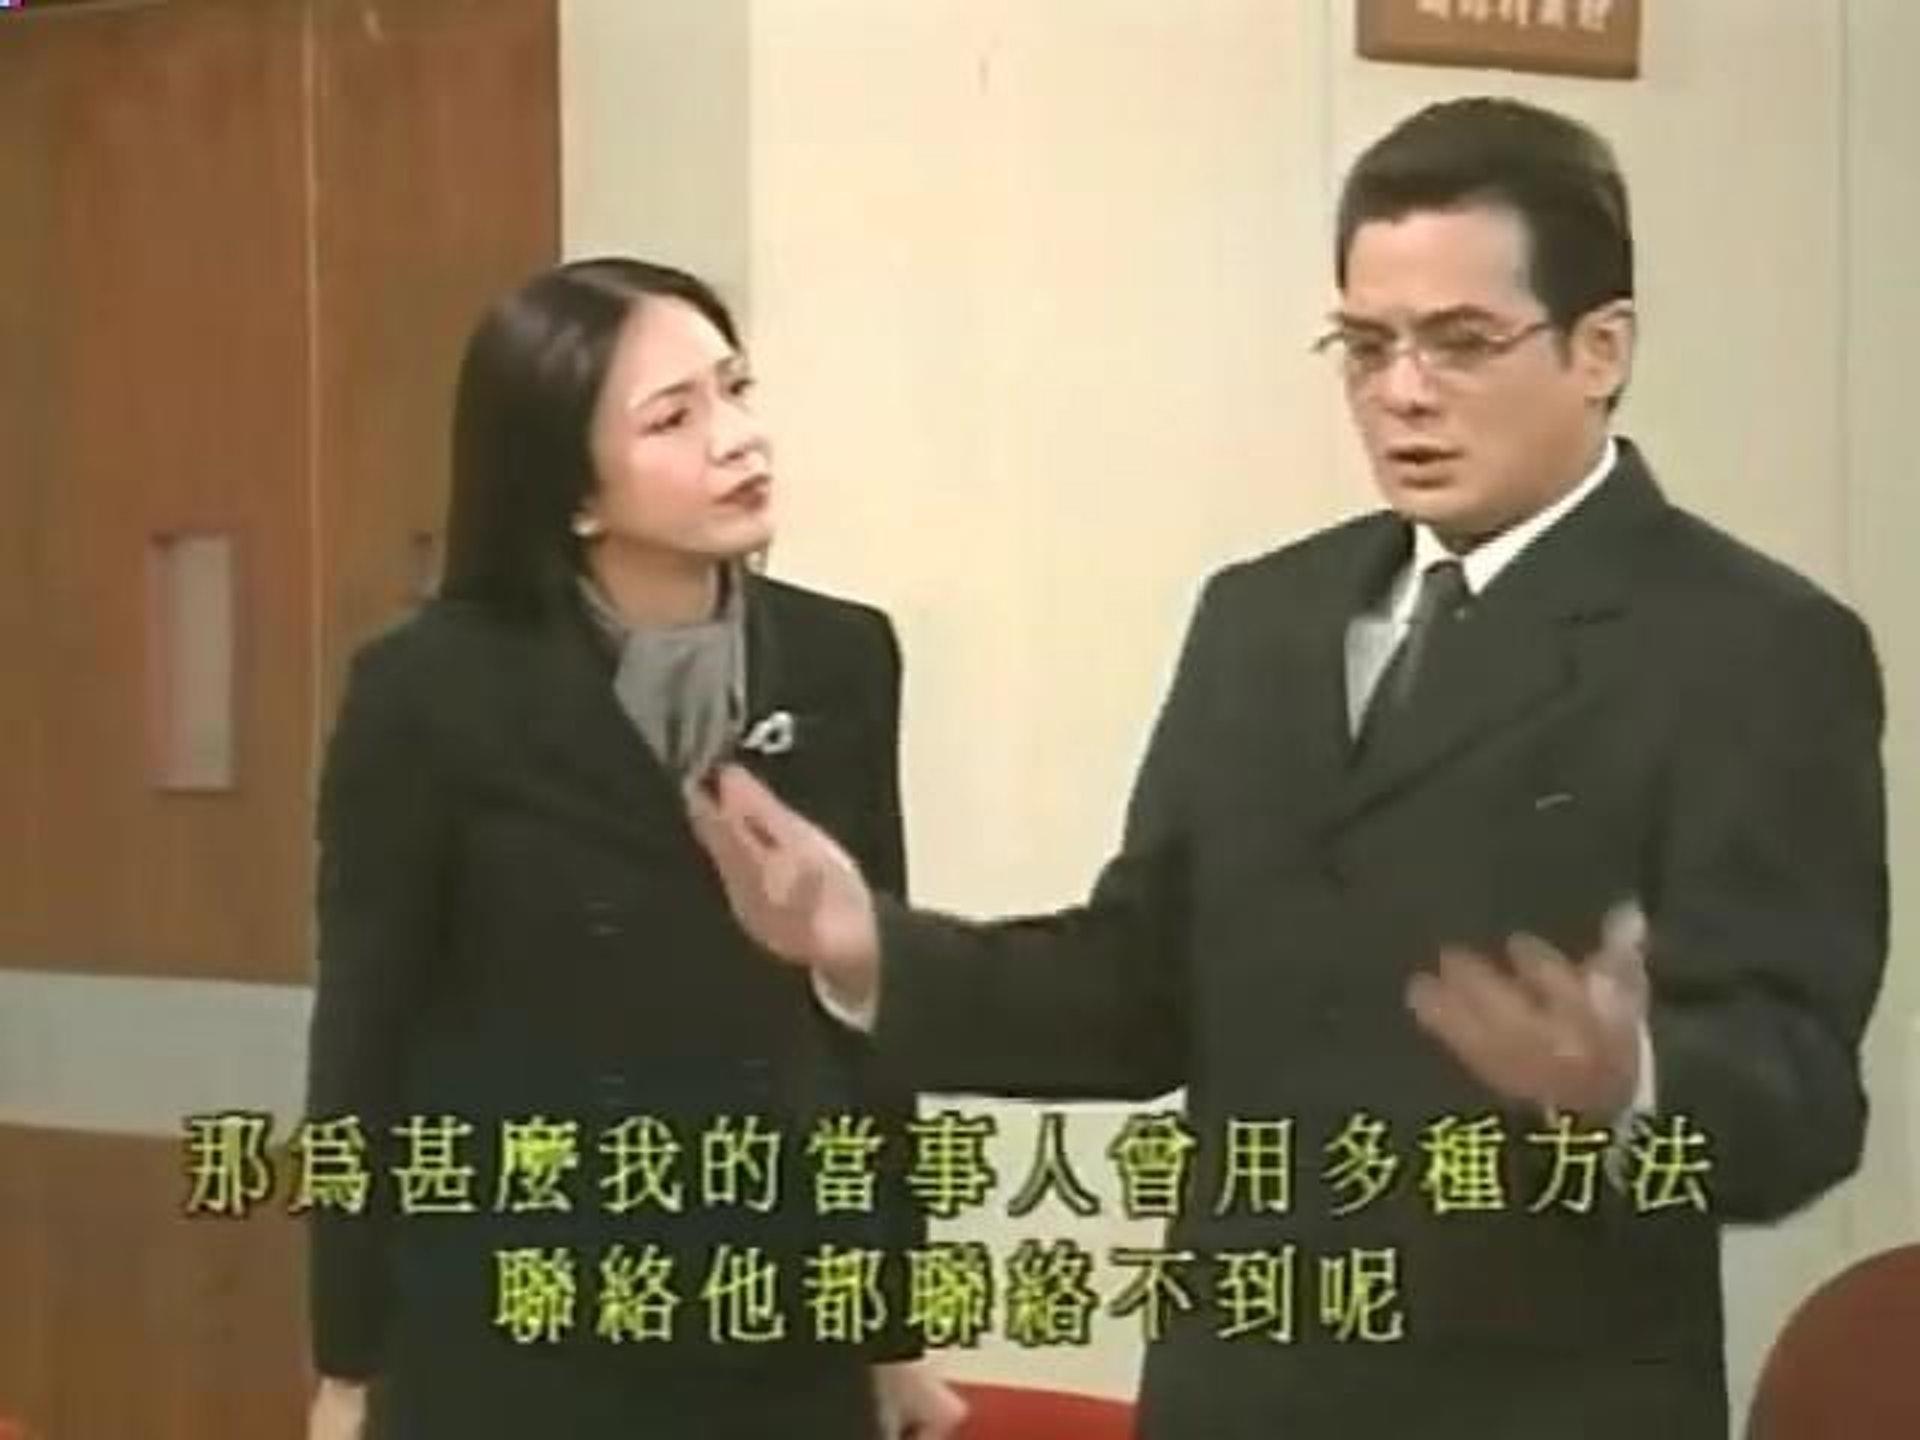 李國麟宜忠宜奸亦懂得演繹諧角,《男親女愛》Alex Pao角色搶鏡,同子華同Do姐好有火花。(《男親女愛》截圖)